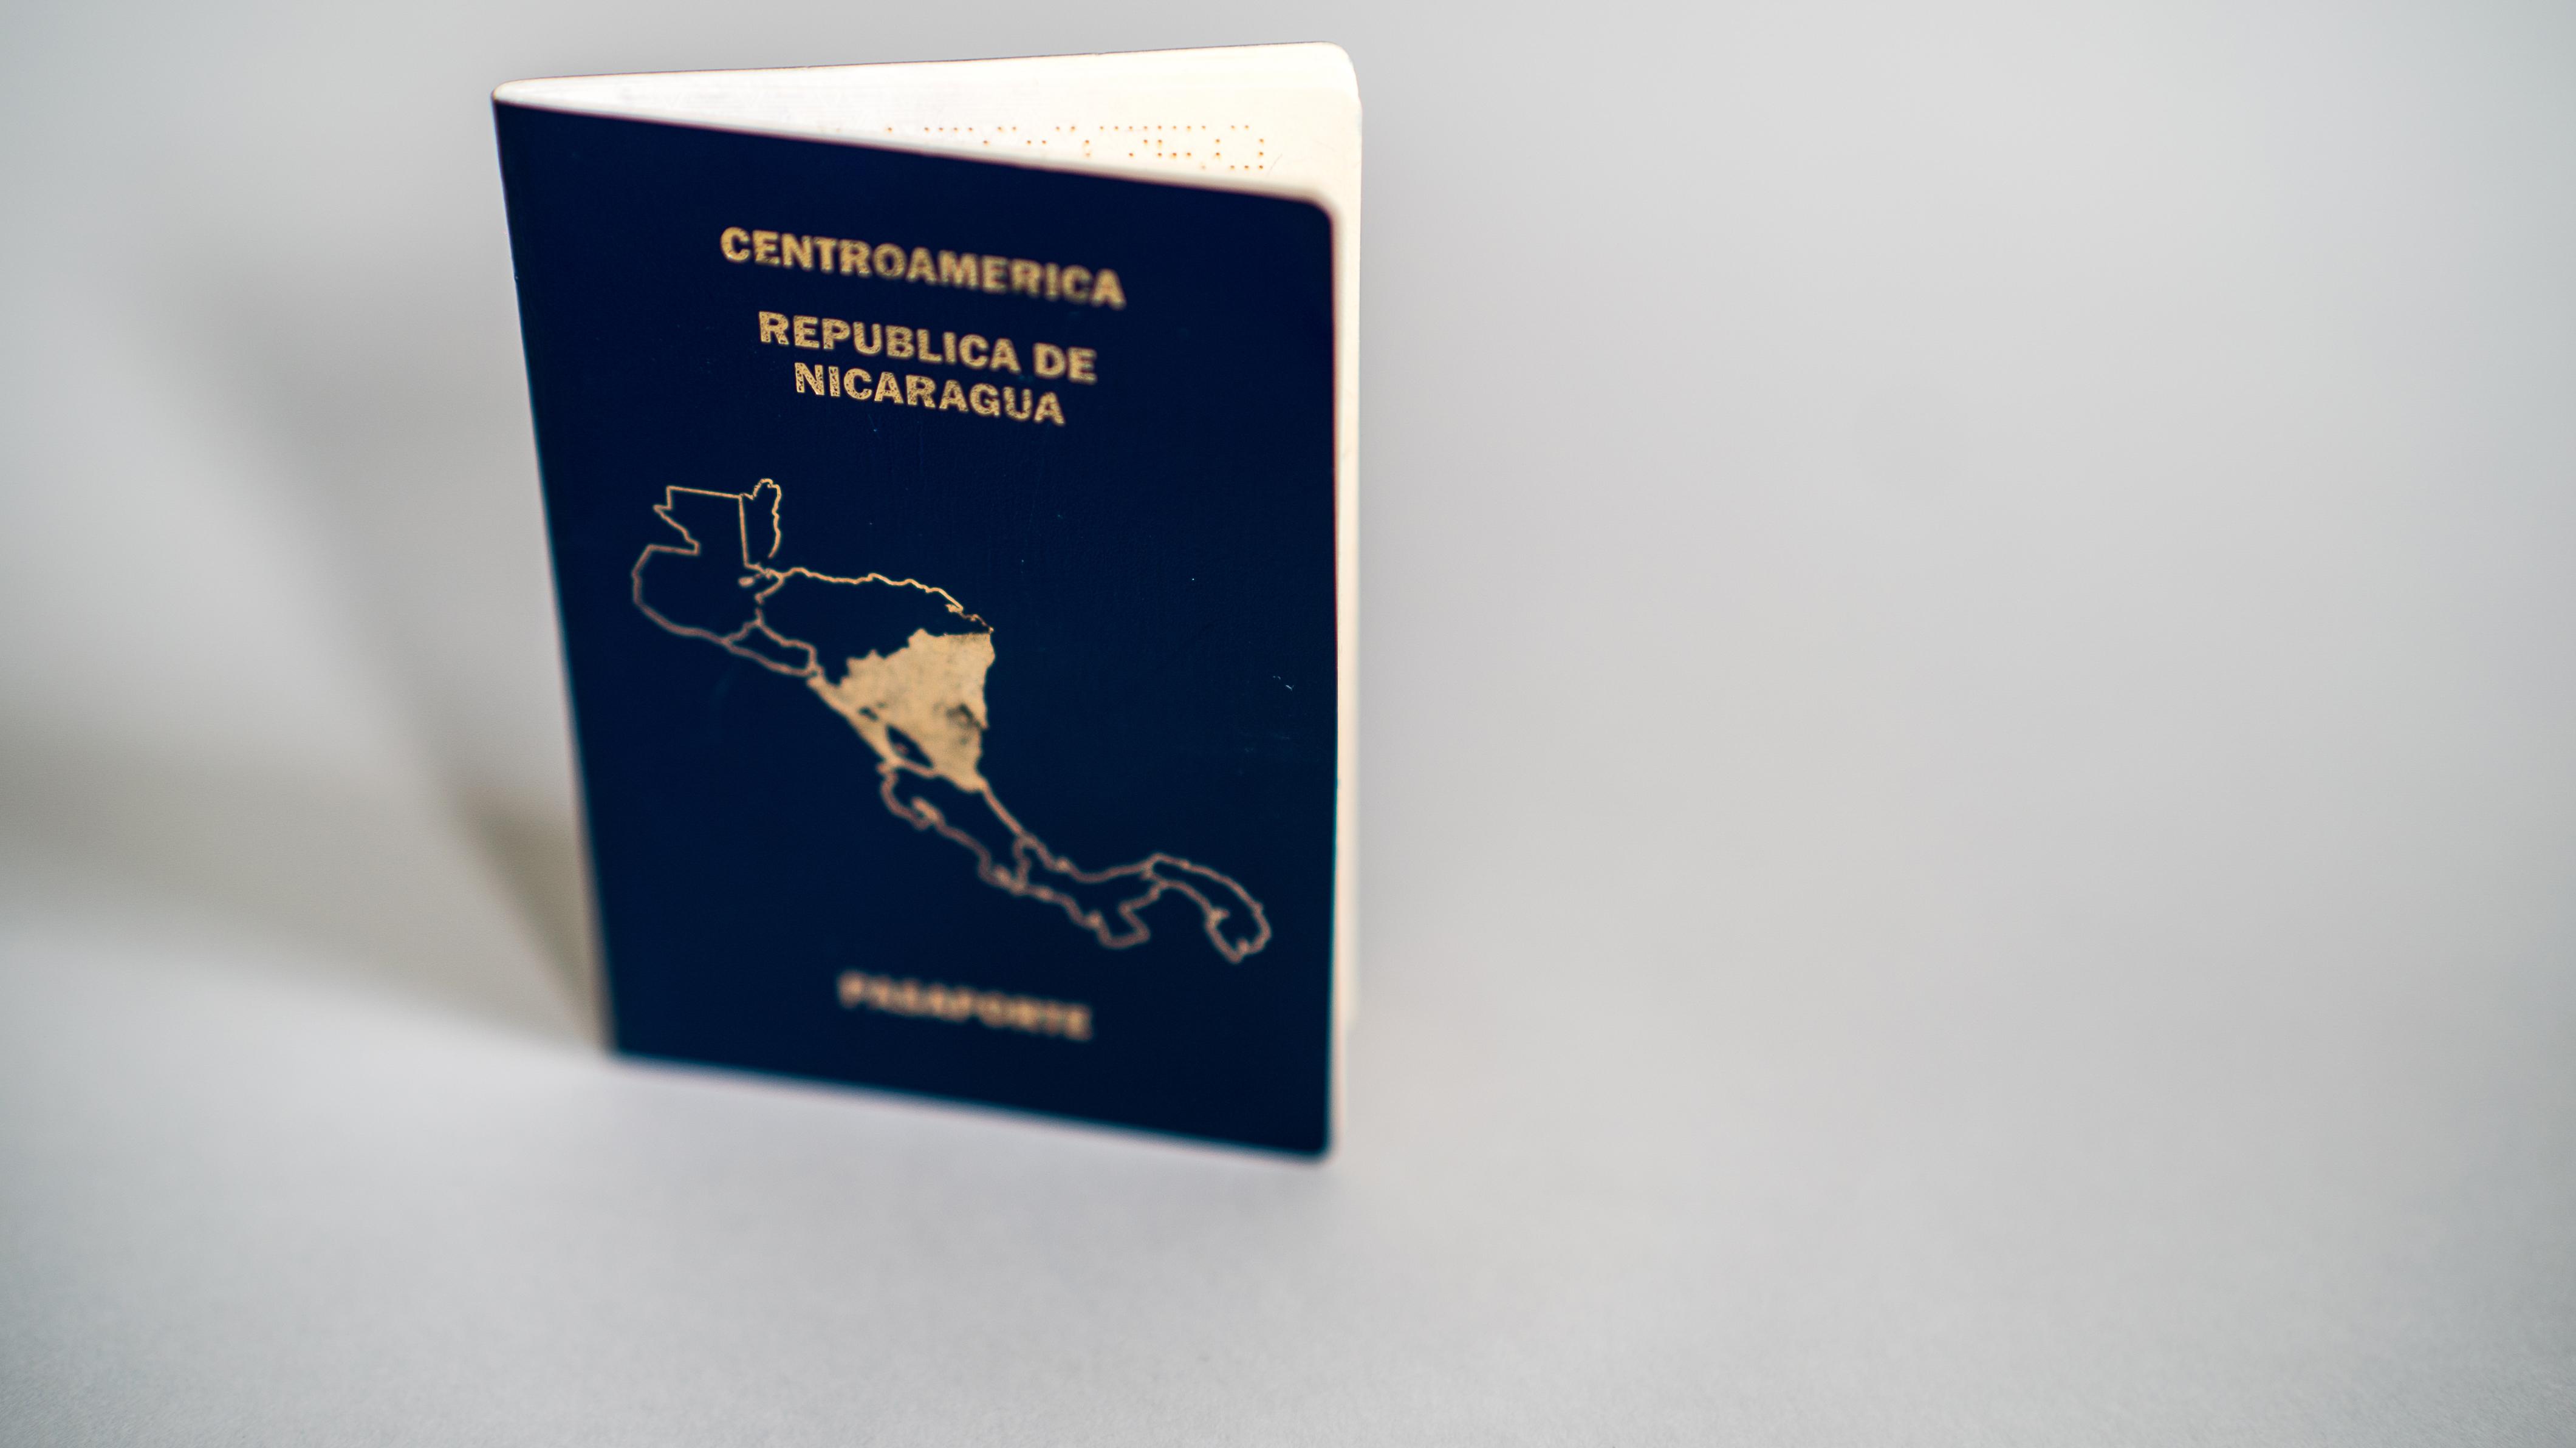 Паспорт Никарагуа, который могут оформить иностранцы